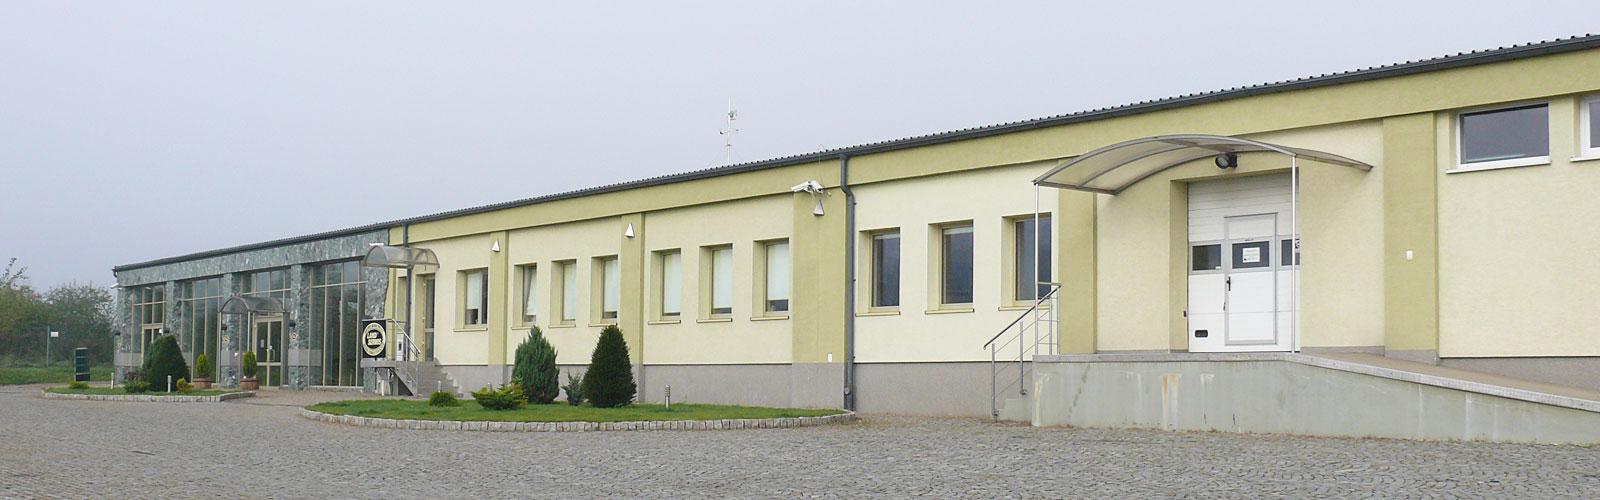 Land Serwis Sp. z o.o. ul. Jedynaka 26, Wieliczka